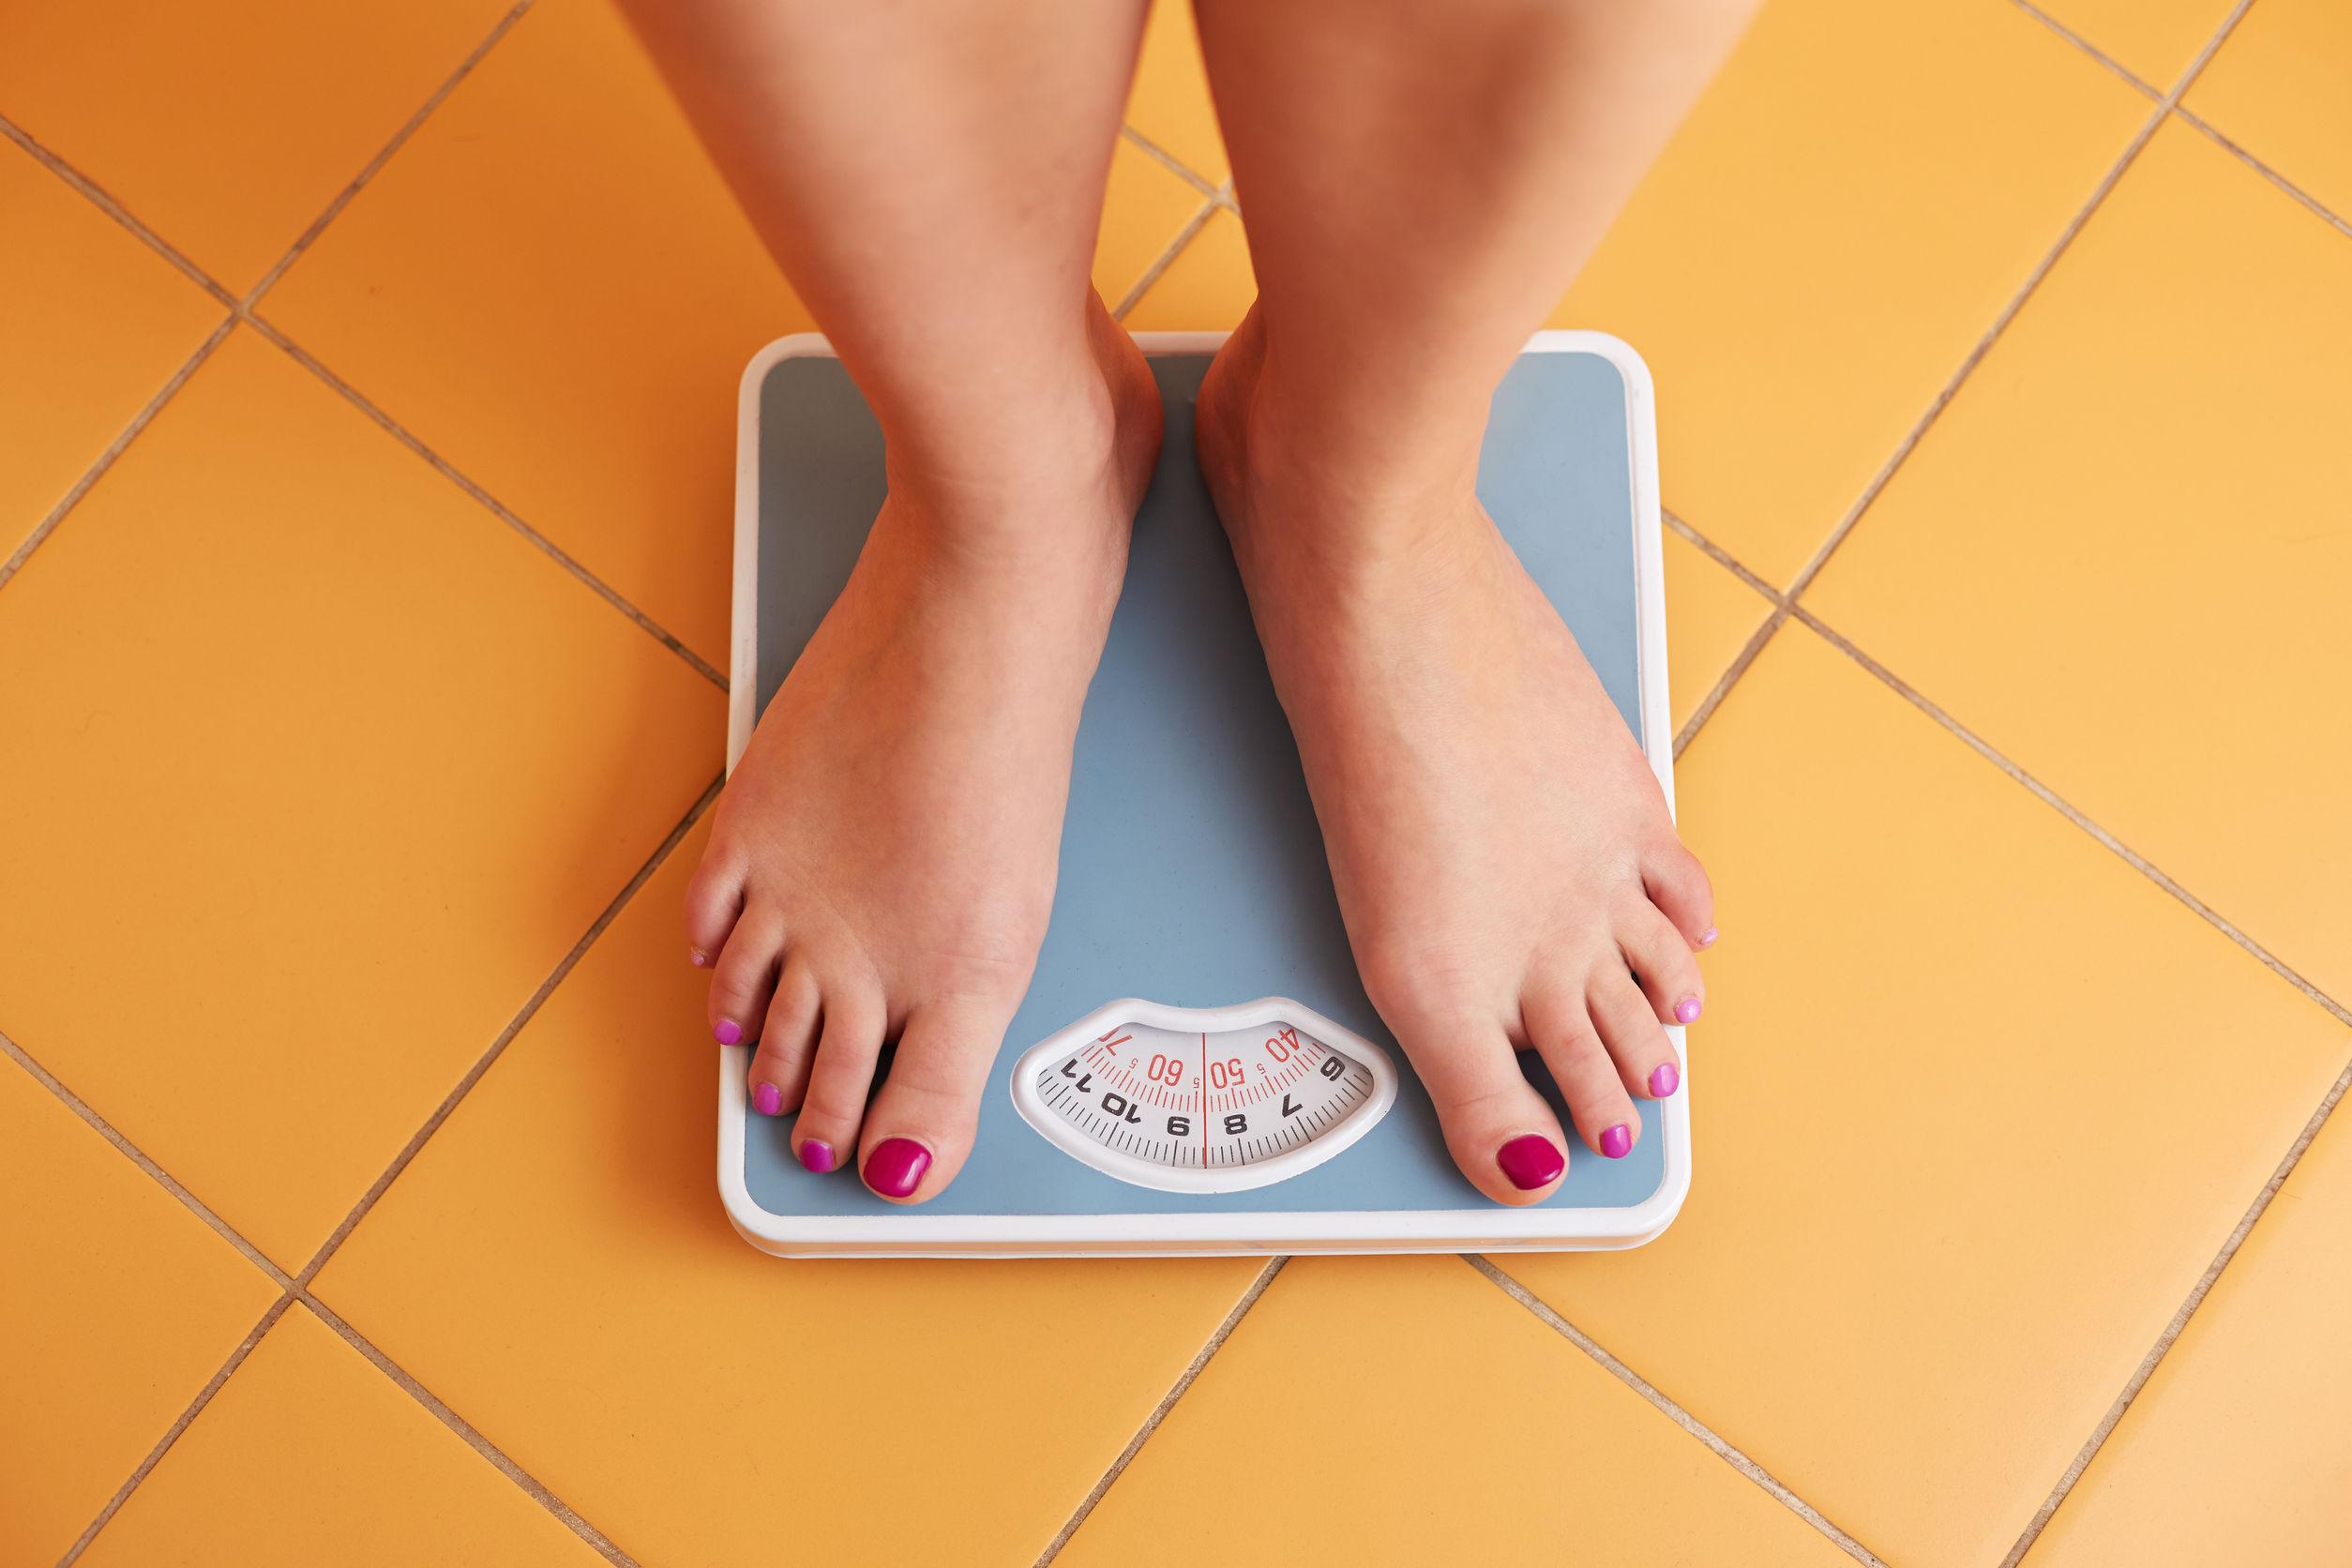 Какие болезни вызывают набор веса